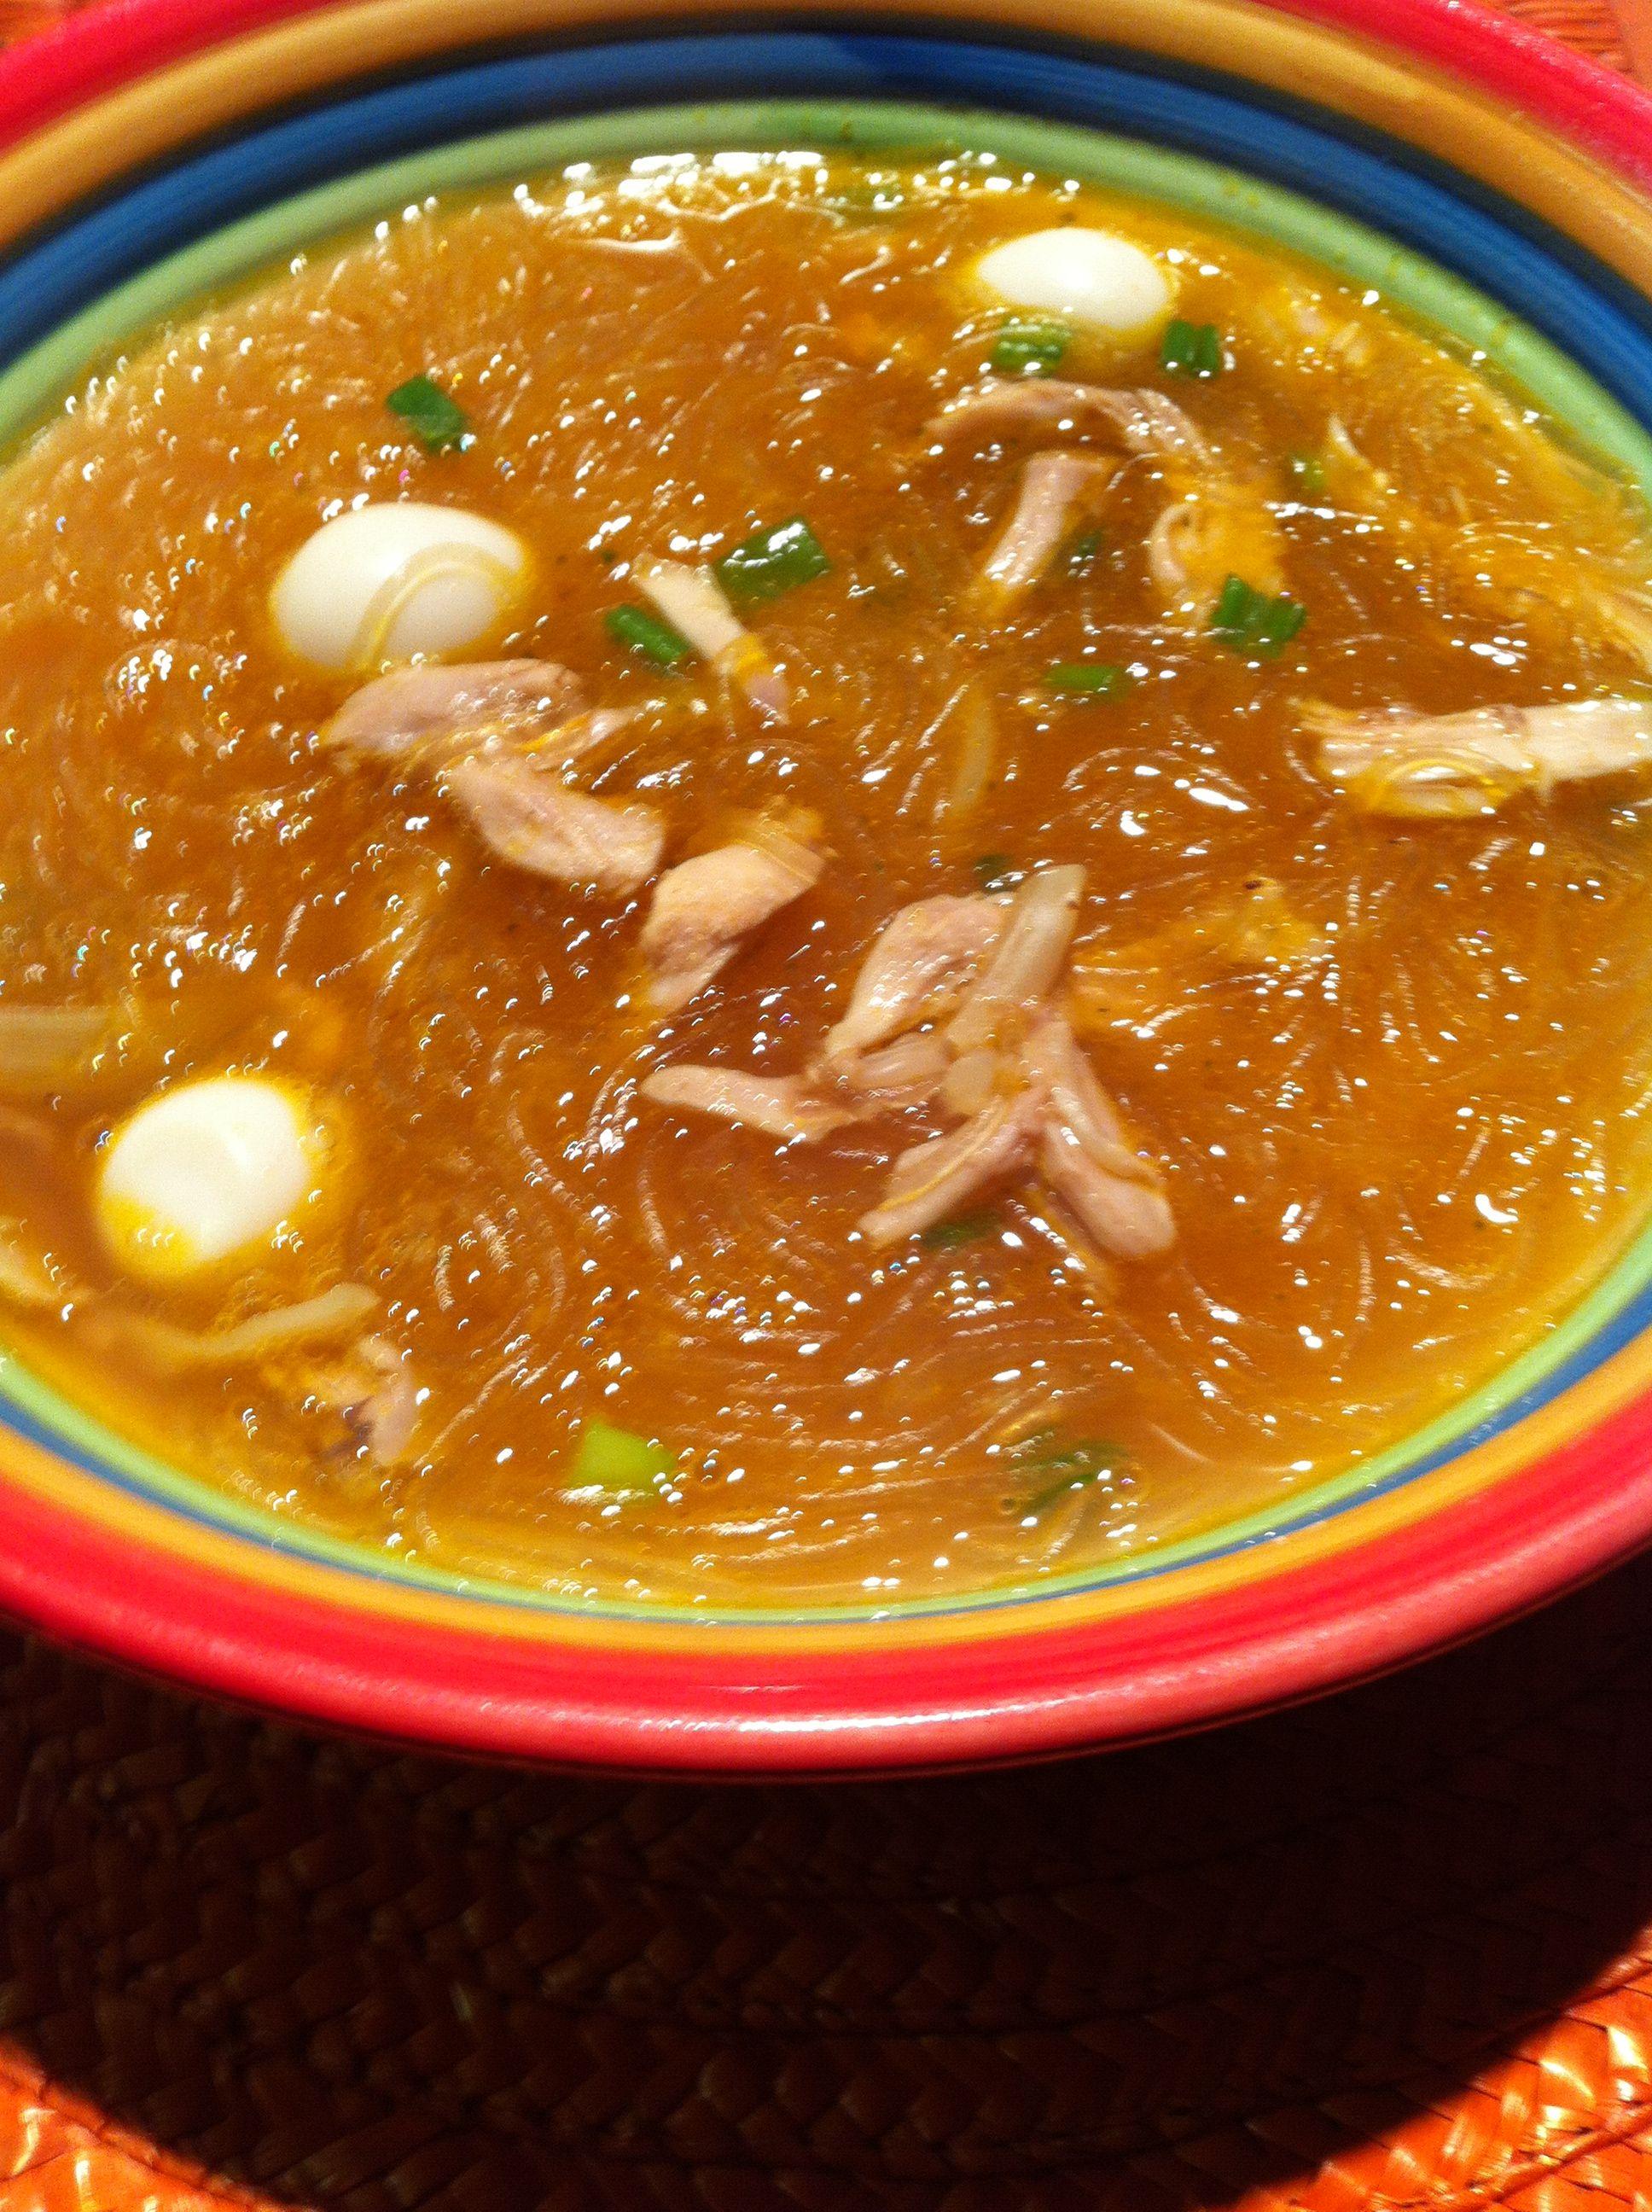 Pinoy Food Recipes - Filipino Dishes : Nilagang Baboy ... |Filipino Soup Dishes